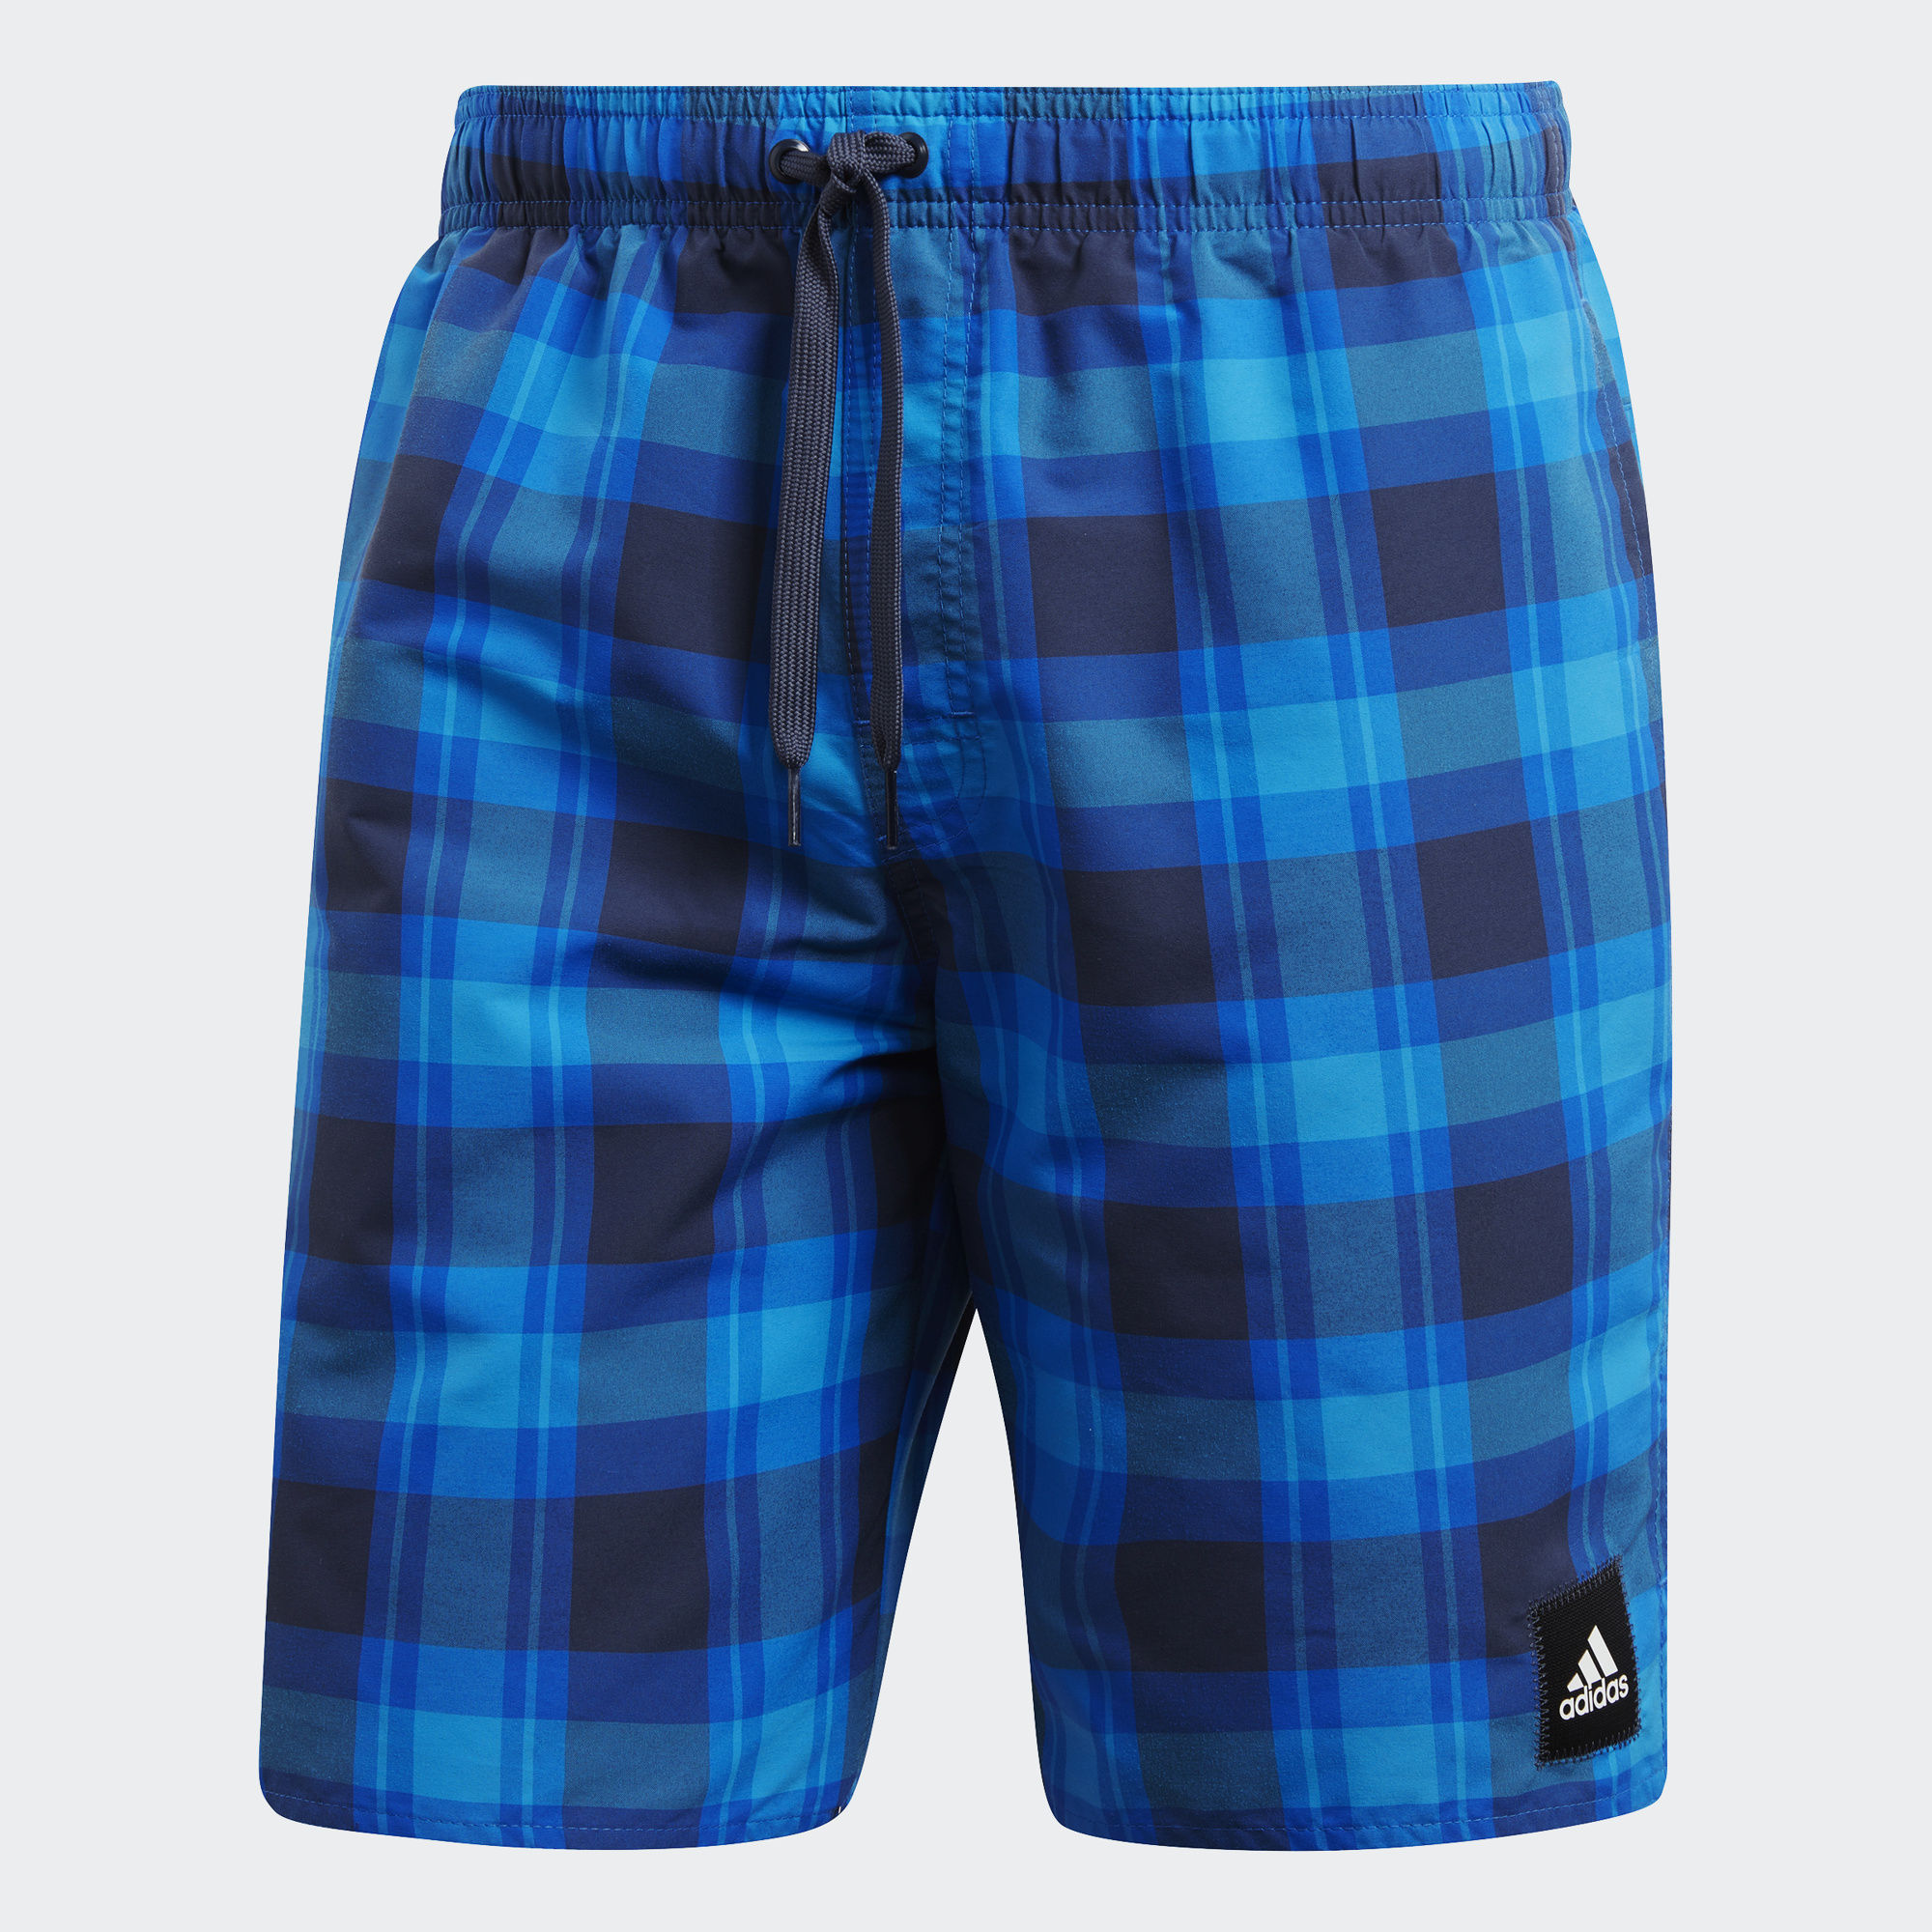 Шорты мужские Adidas Check Sh Ml, цвет: синий. CV5158. Размер XL (56/58)CV5158